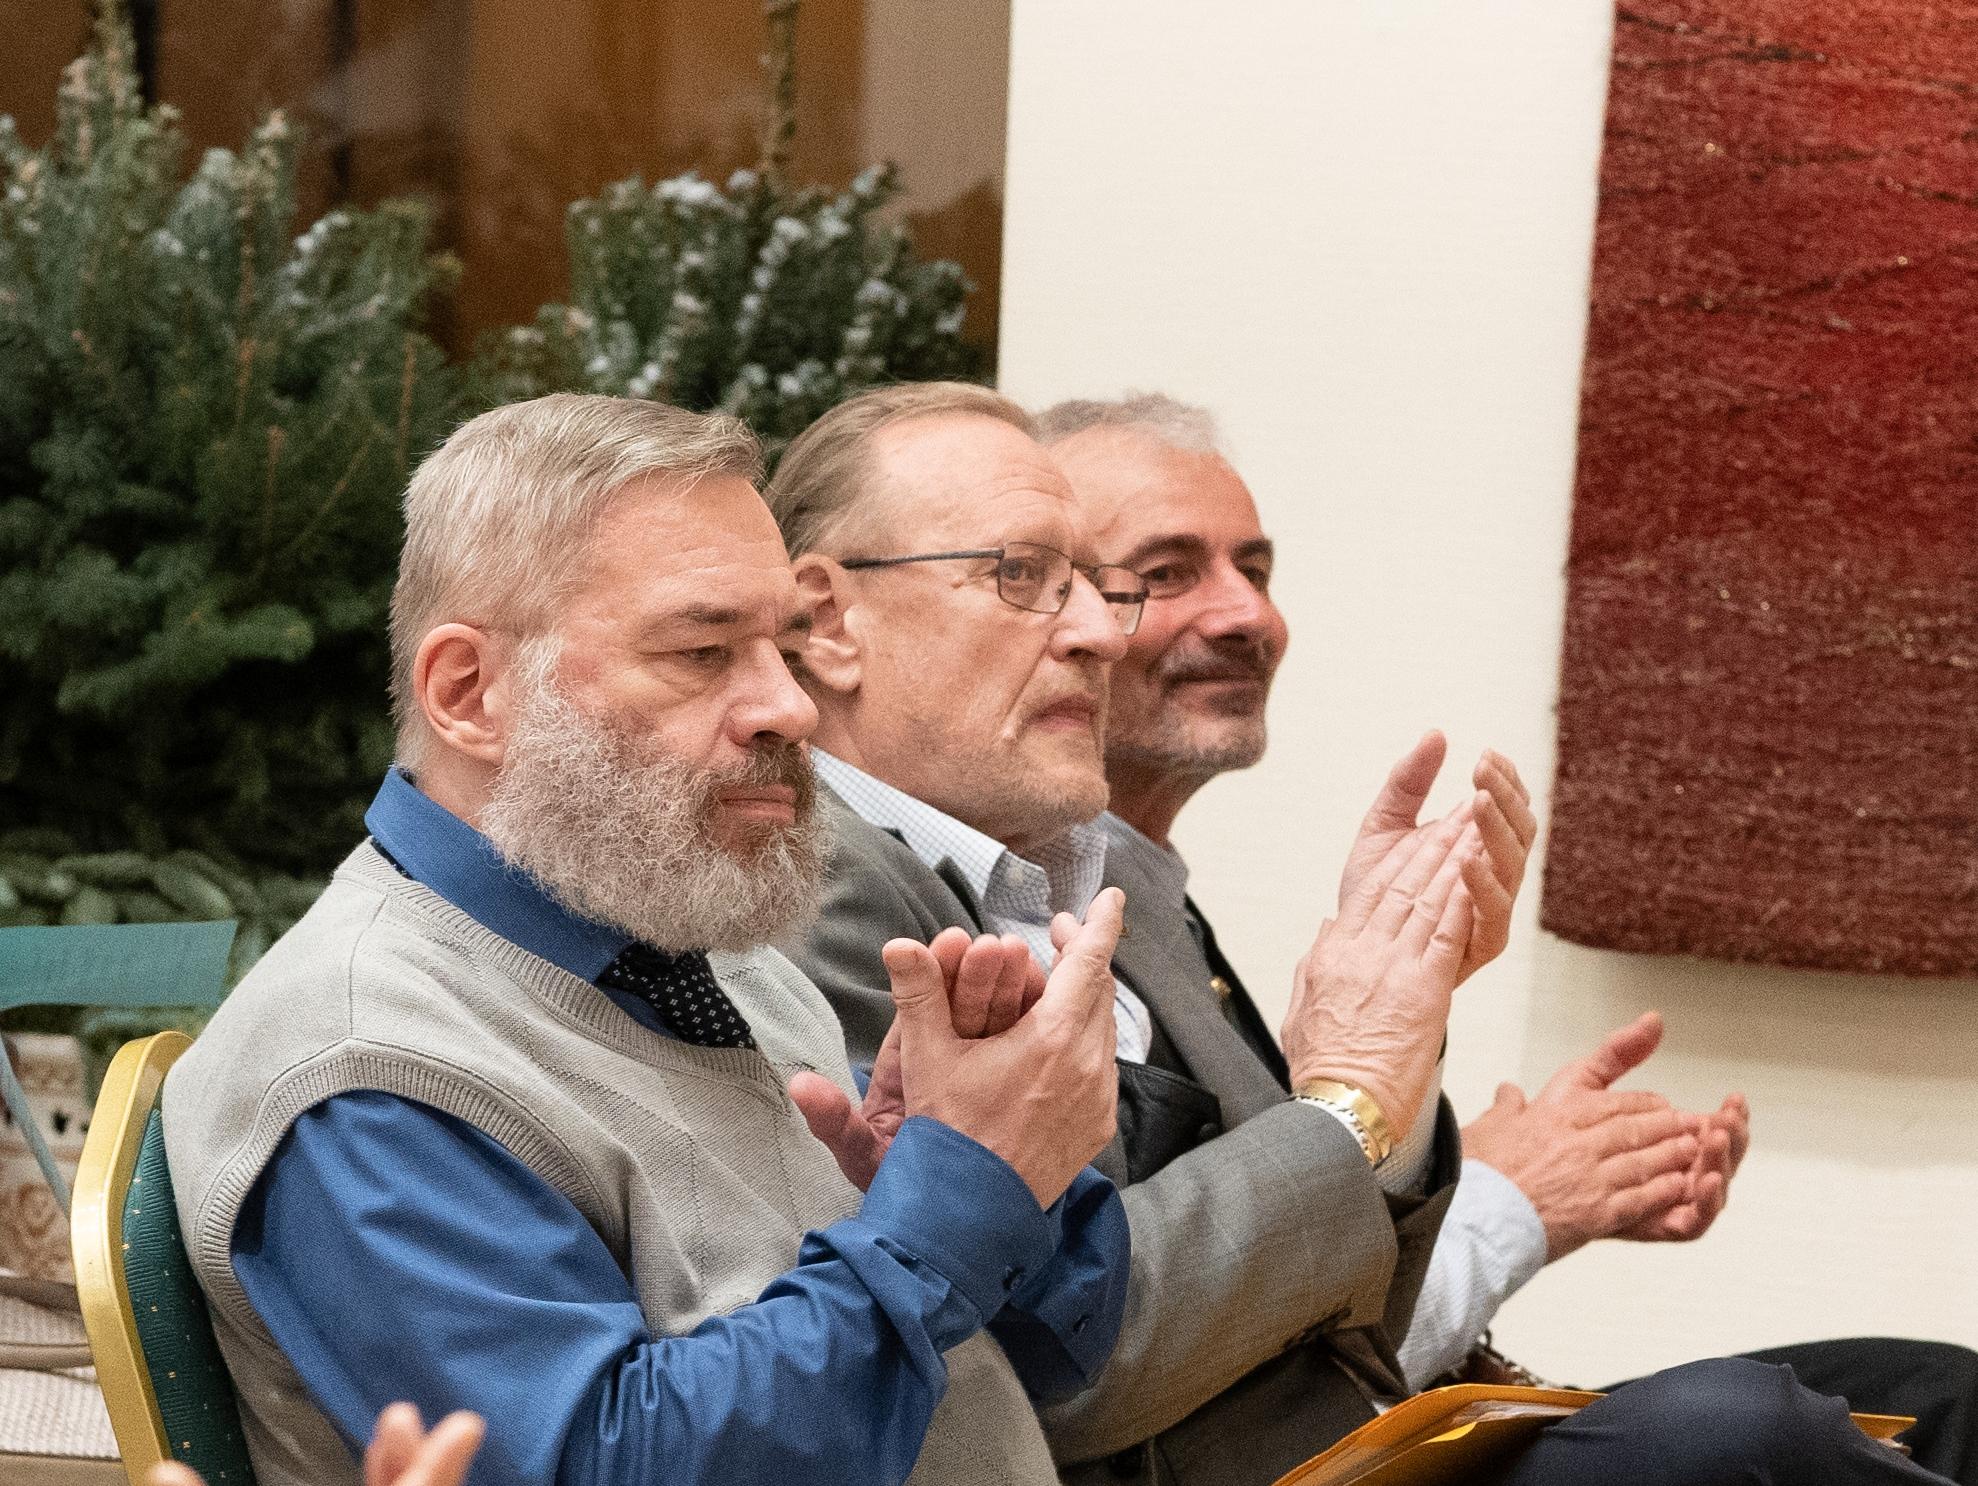 A könyvbemutató közönségében (balról jobbra) Balázsi József Attila, Oláh István és Ambrus Károly<br /><br />TINTA Könyvkiadó archívuma